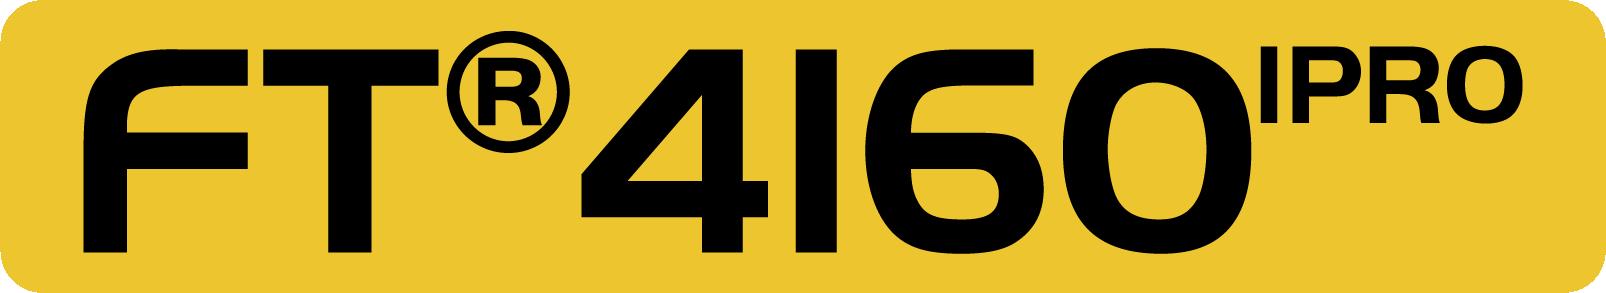 FTR 4160 IPRO